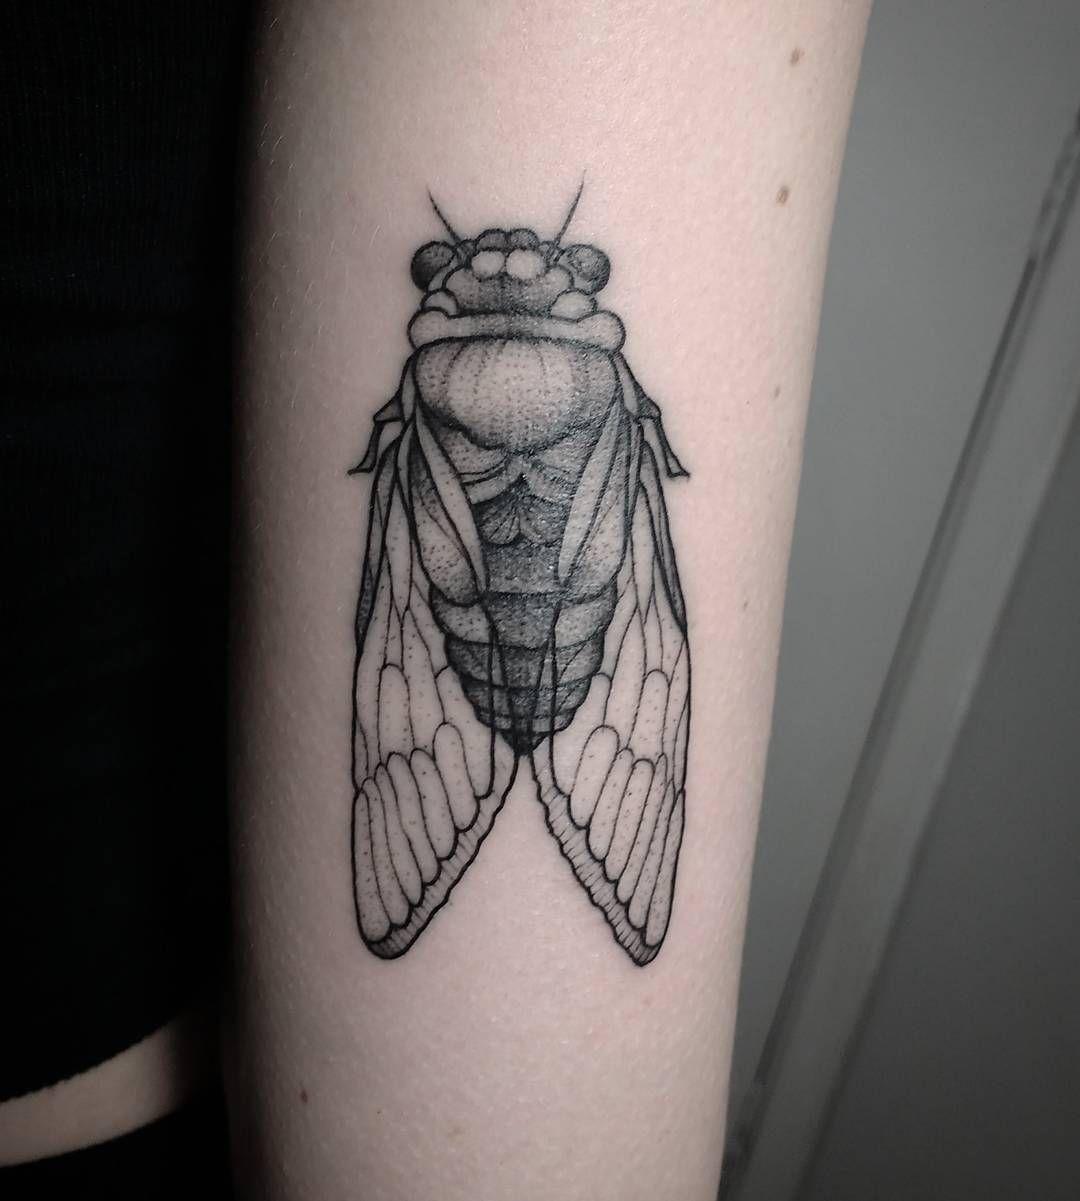 tattoo cigarra cicada tattoo tattoo de inseto insect tattoo t r a b a l h o s pinterest. Black Bedroom Furniture Sets. Home Design Ideas